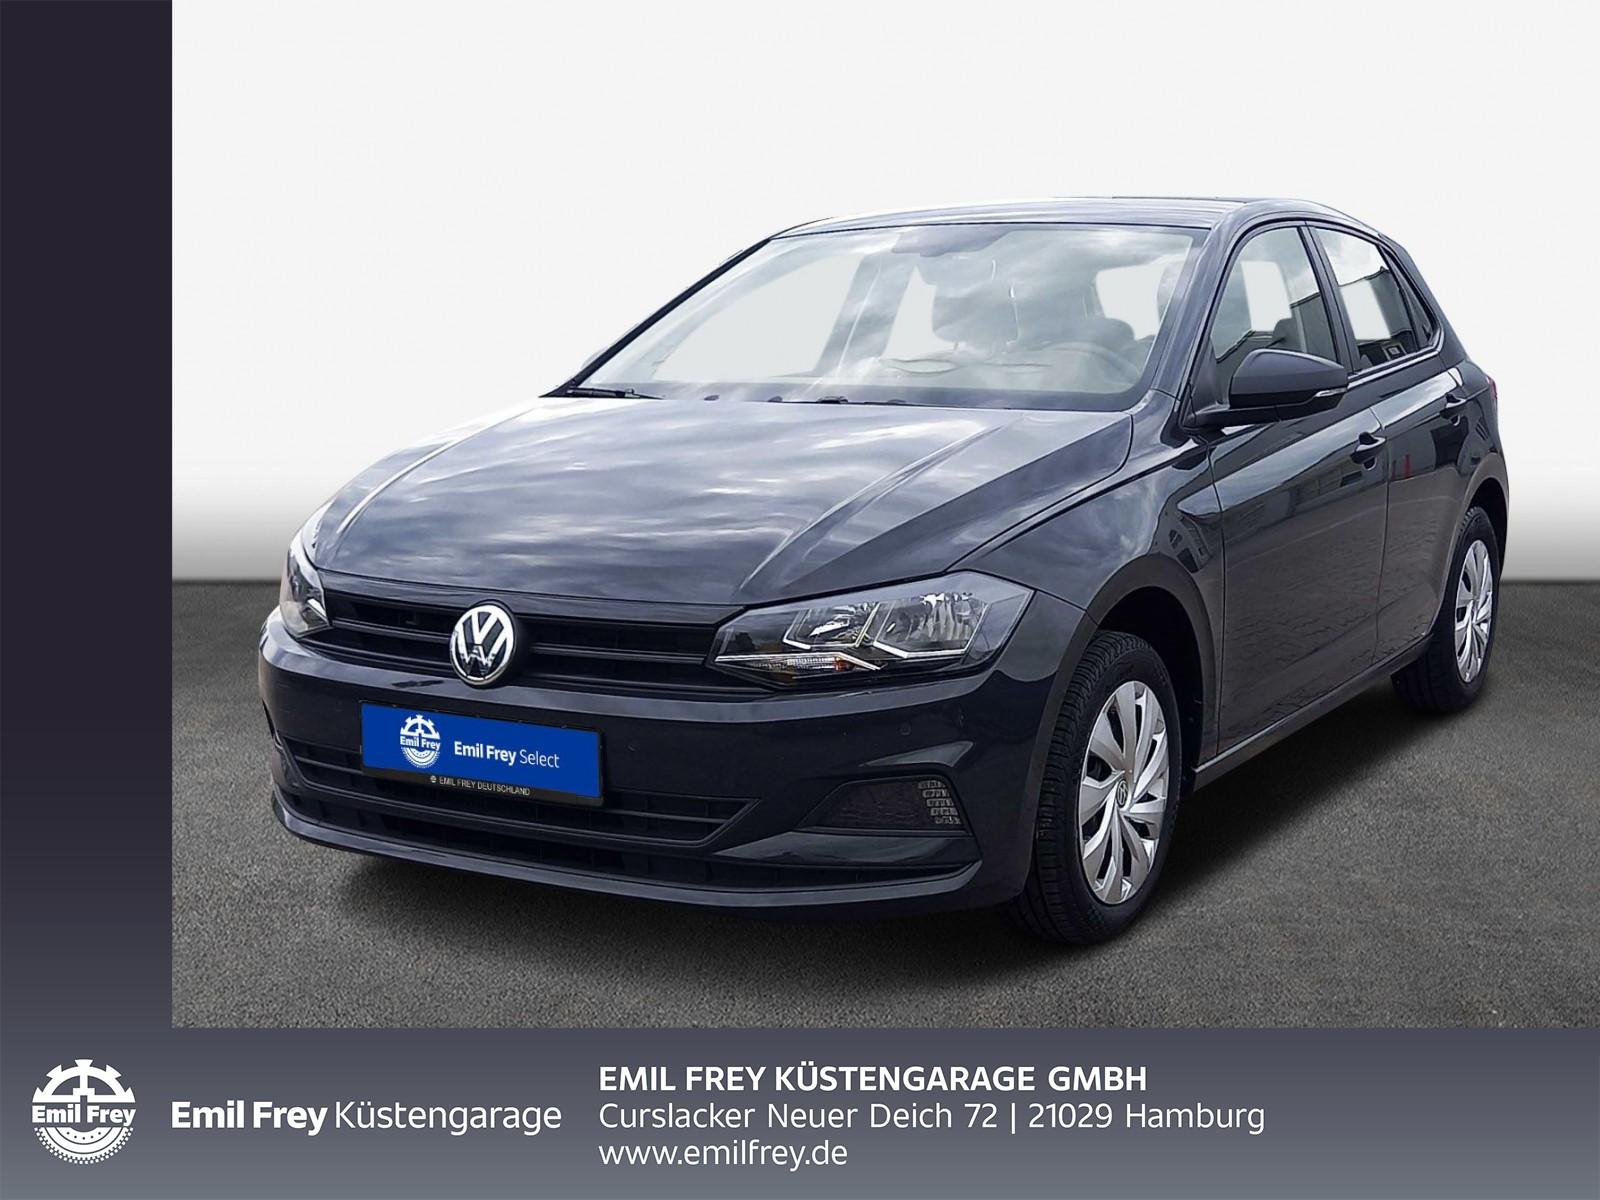 Volkswagen Polo 1.6 TDI Trendline Navi, GRA, PDC, Jahr 2018, Diesel